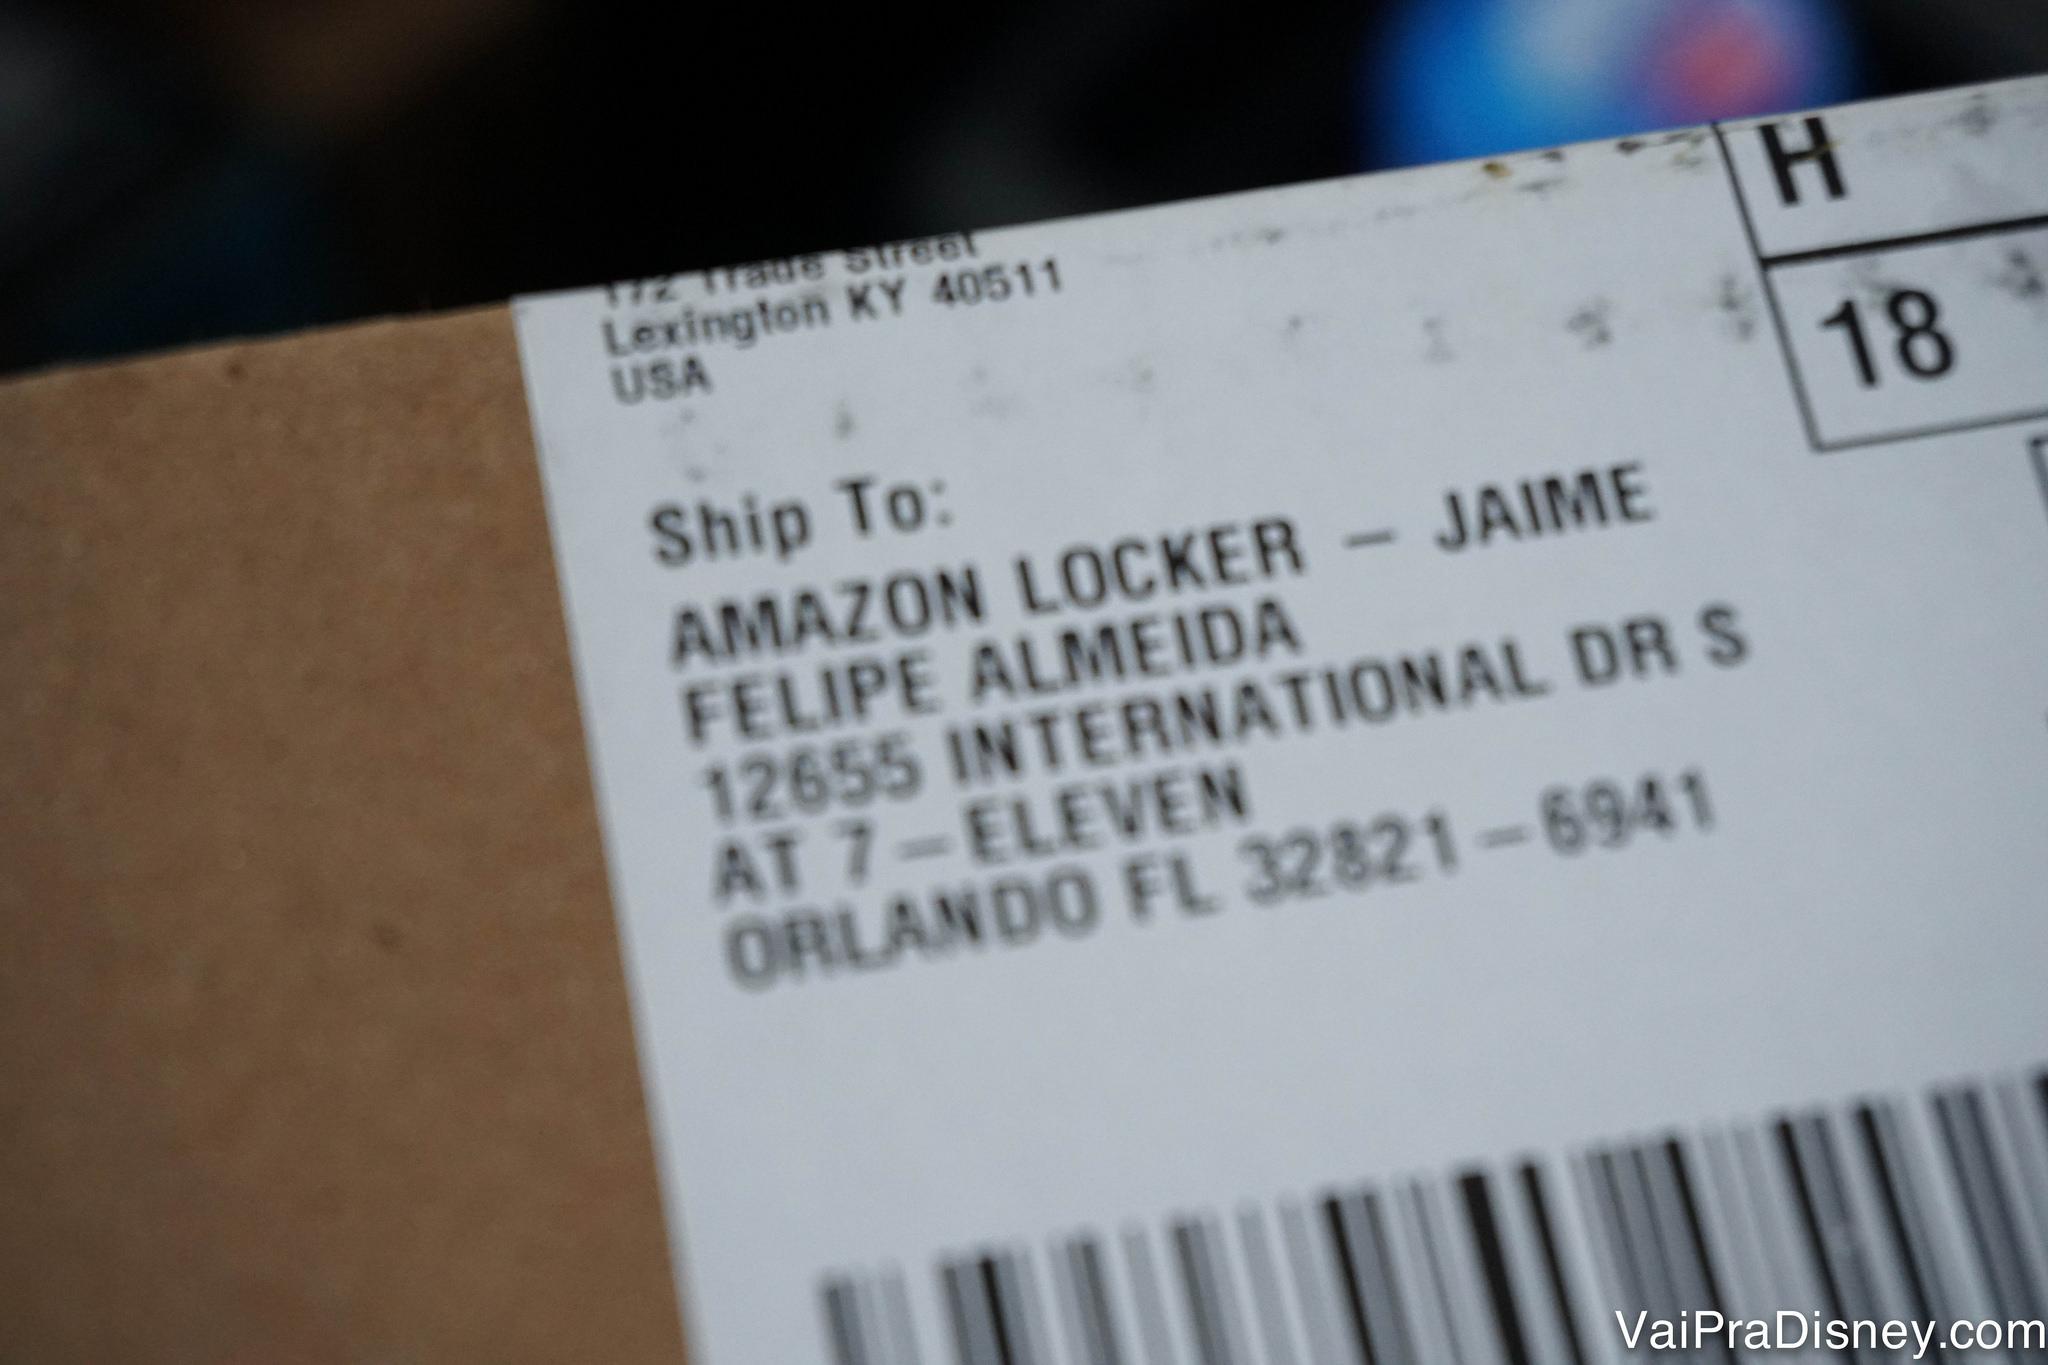 O endereço de entrega do pacote será o Amazon Locker que você selecionar. Foto da etiqueta indicando que o produto será enviado para o Amazon Locker em nome do Felipe, com o endereço do locker embaixo.